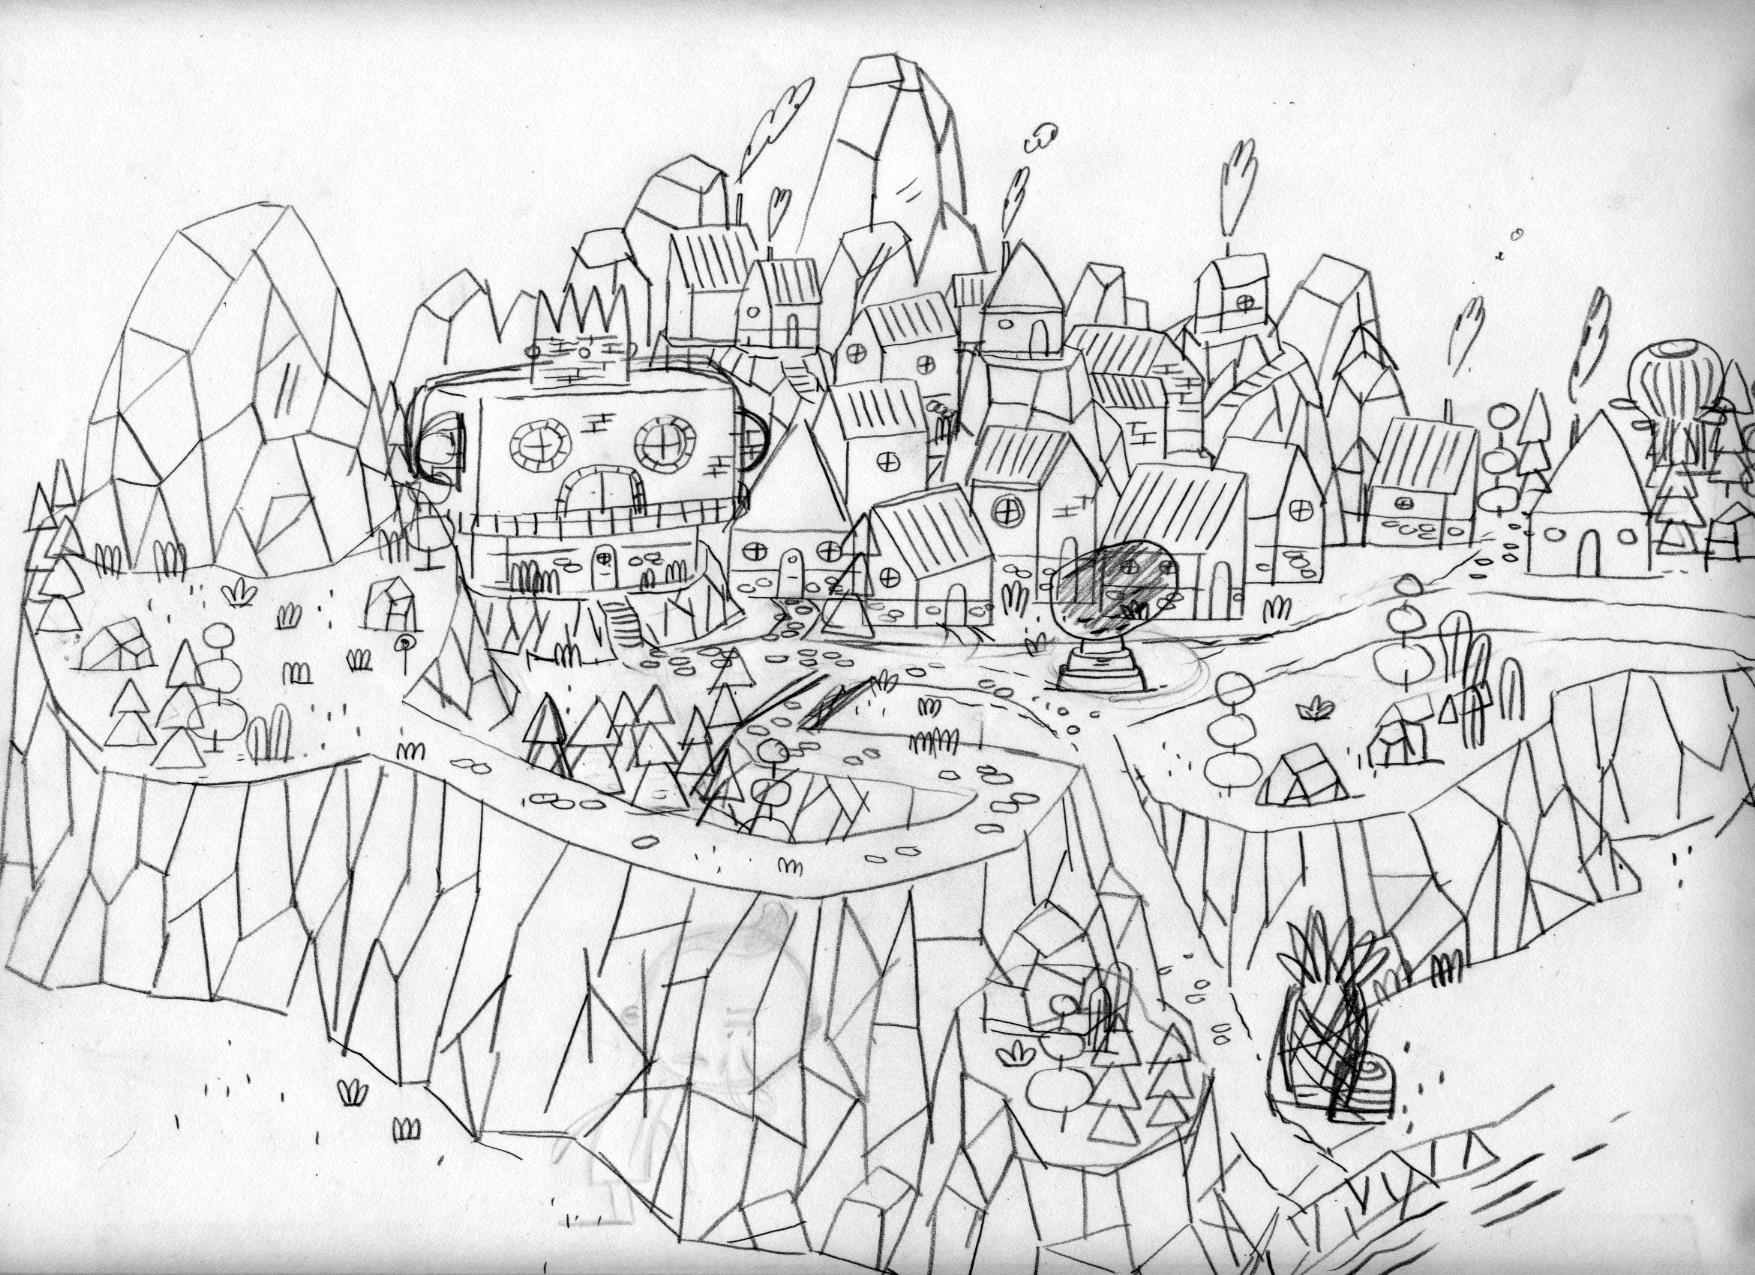 Esquisse du village de Patateland tel qu'imaginé par Patrick Doyon, l'illustrateur du jeu.